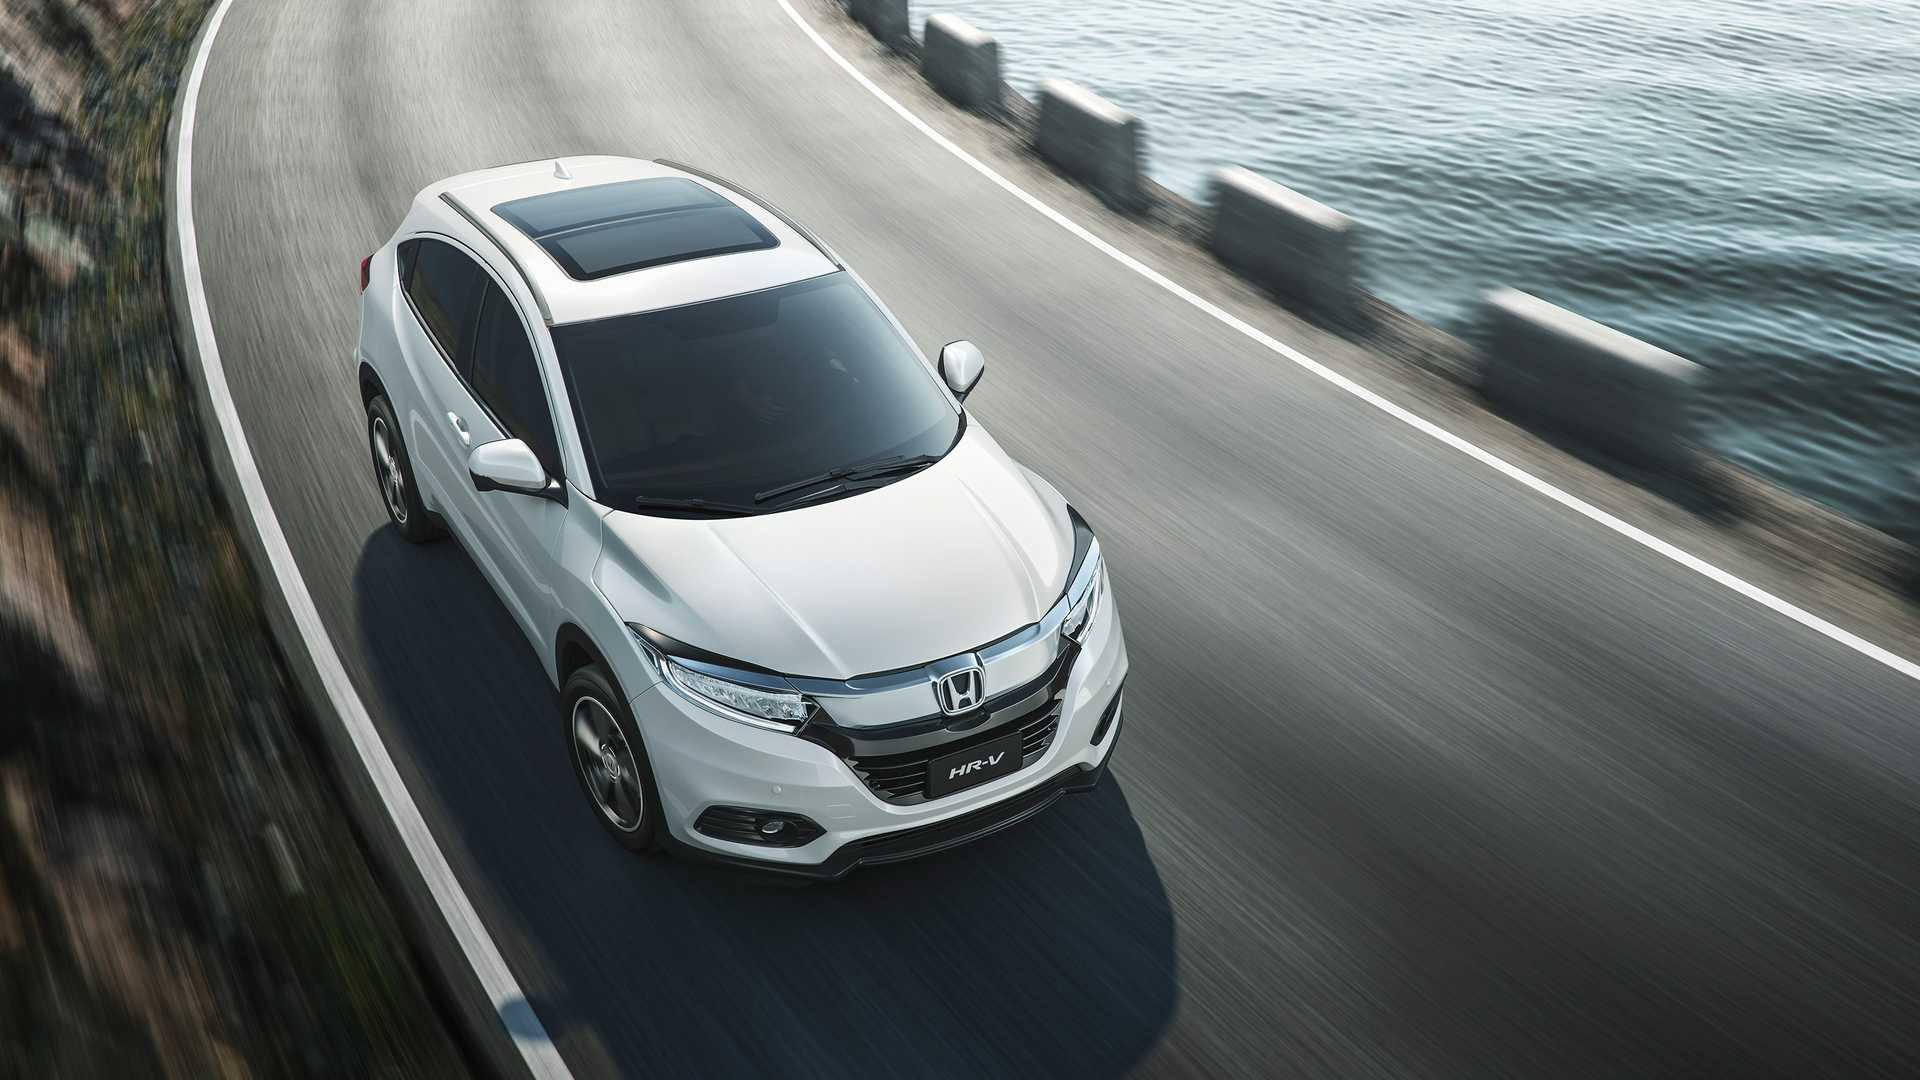 Venta De Autos Usados >> Motor turbo para la Honda HR-V regional - Mega Autos